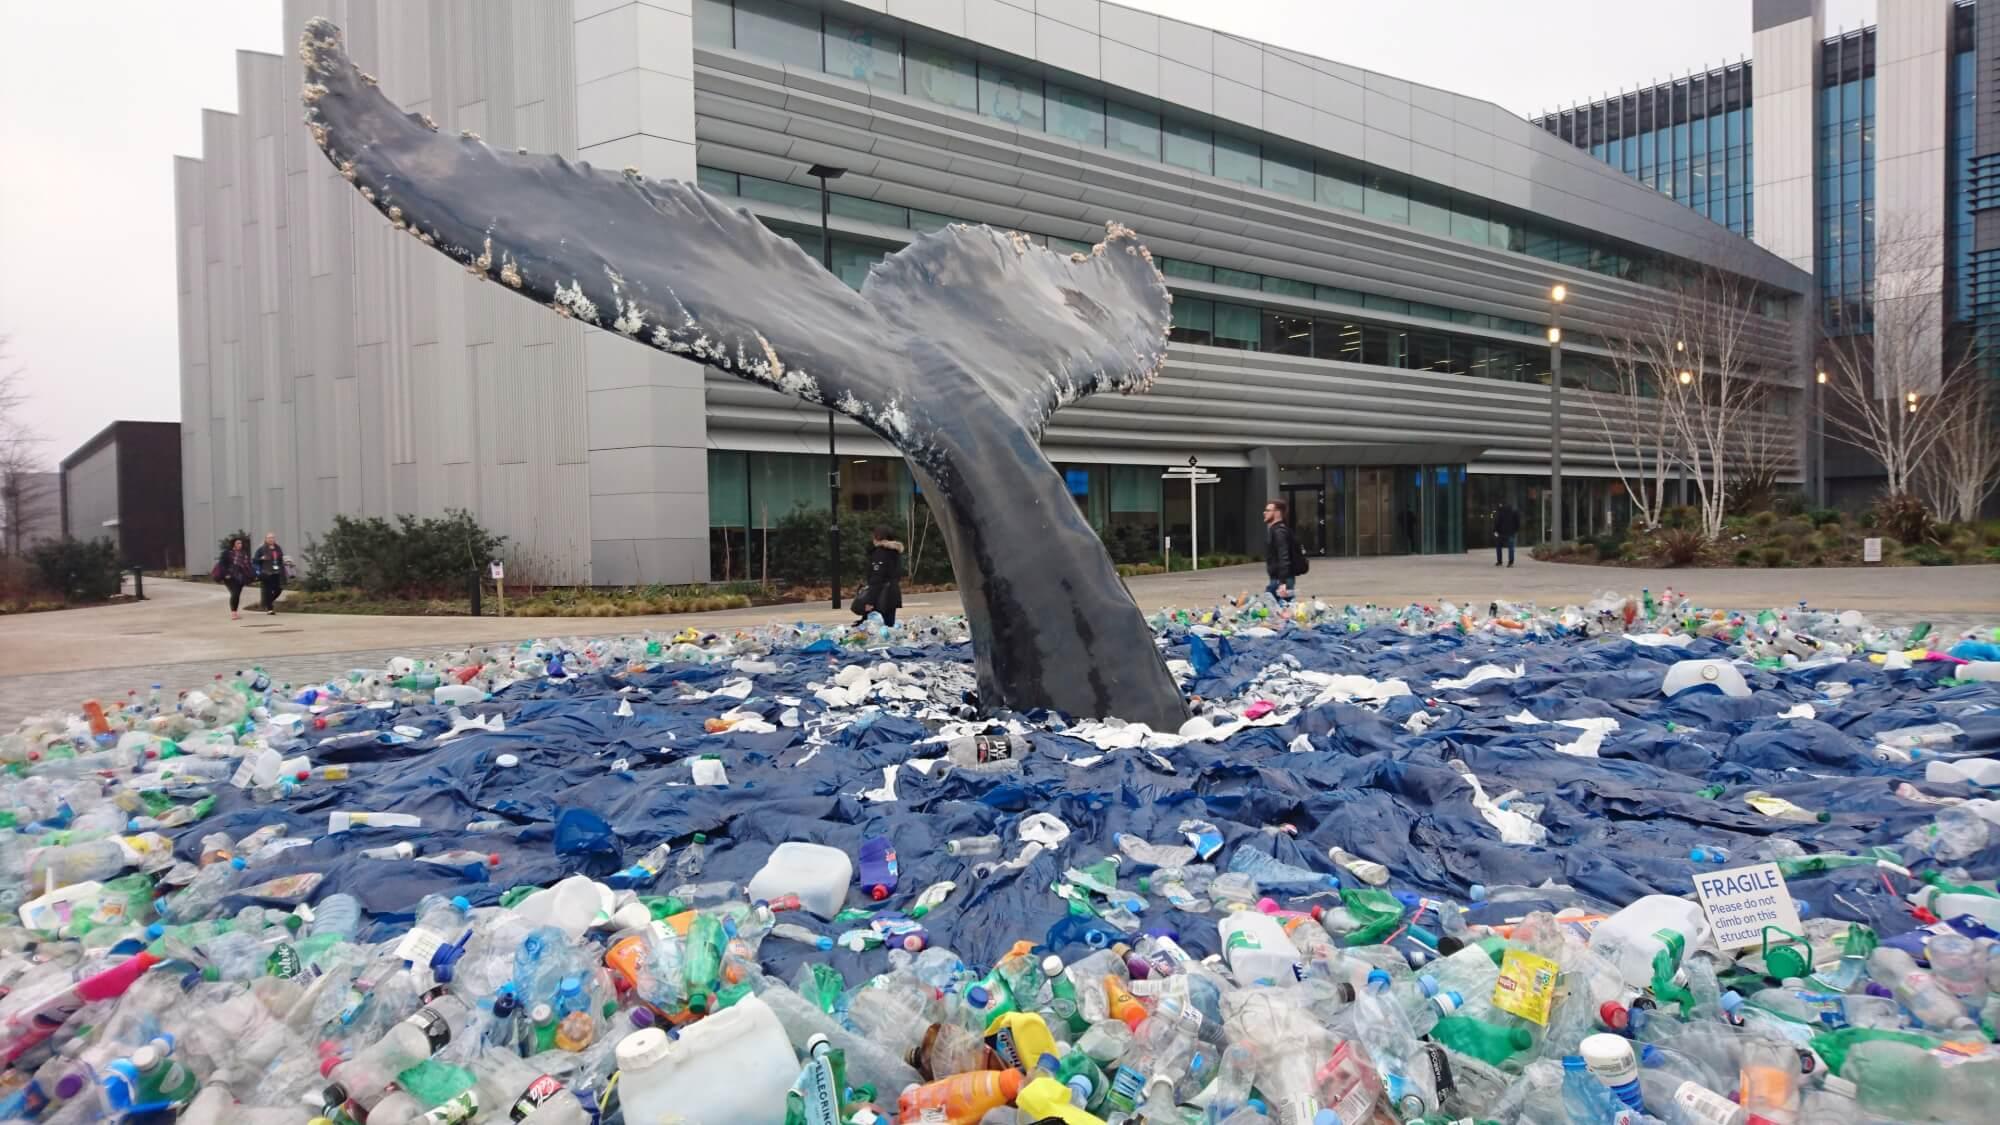 Nouveau Réaliste Baleine à bosse plastique PVC Toy Figure